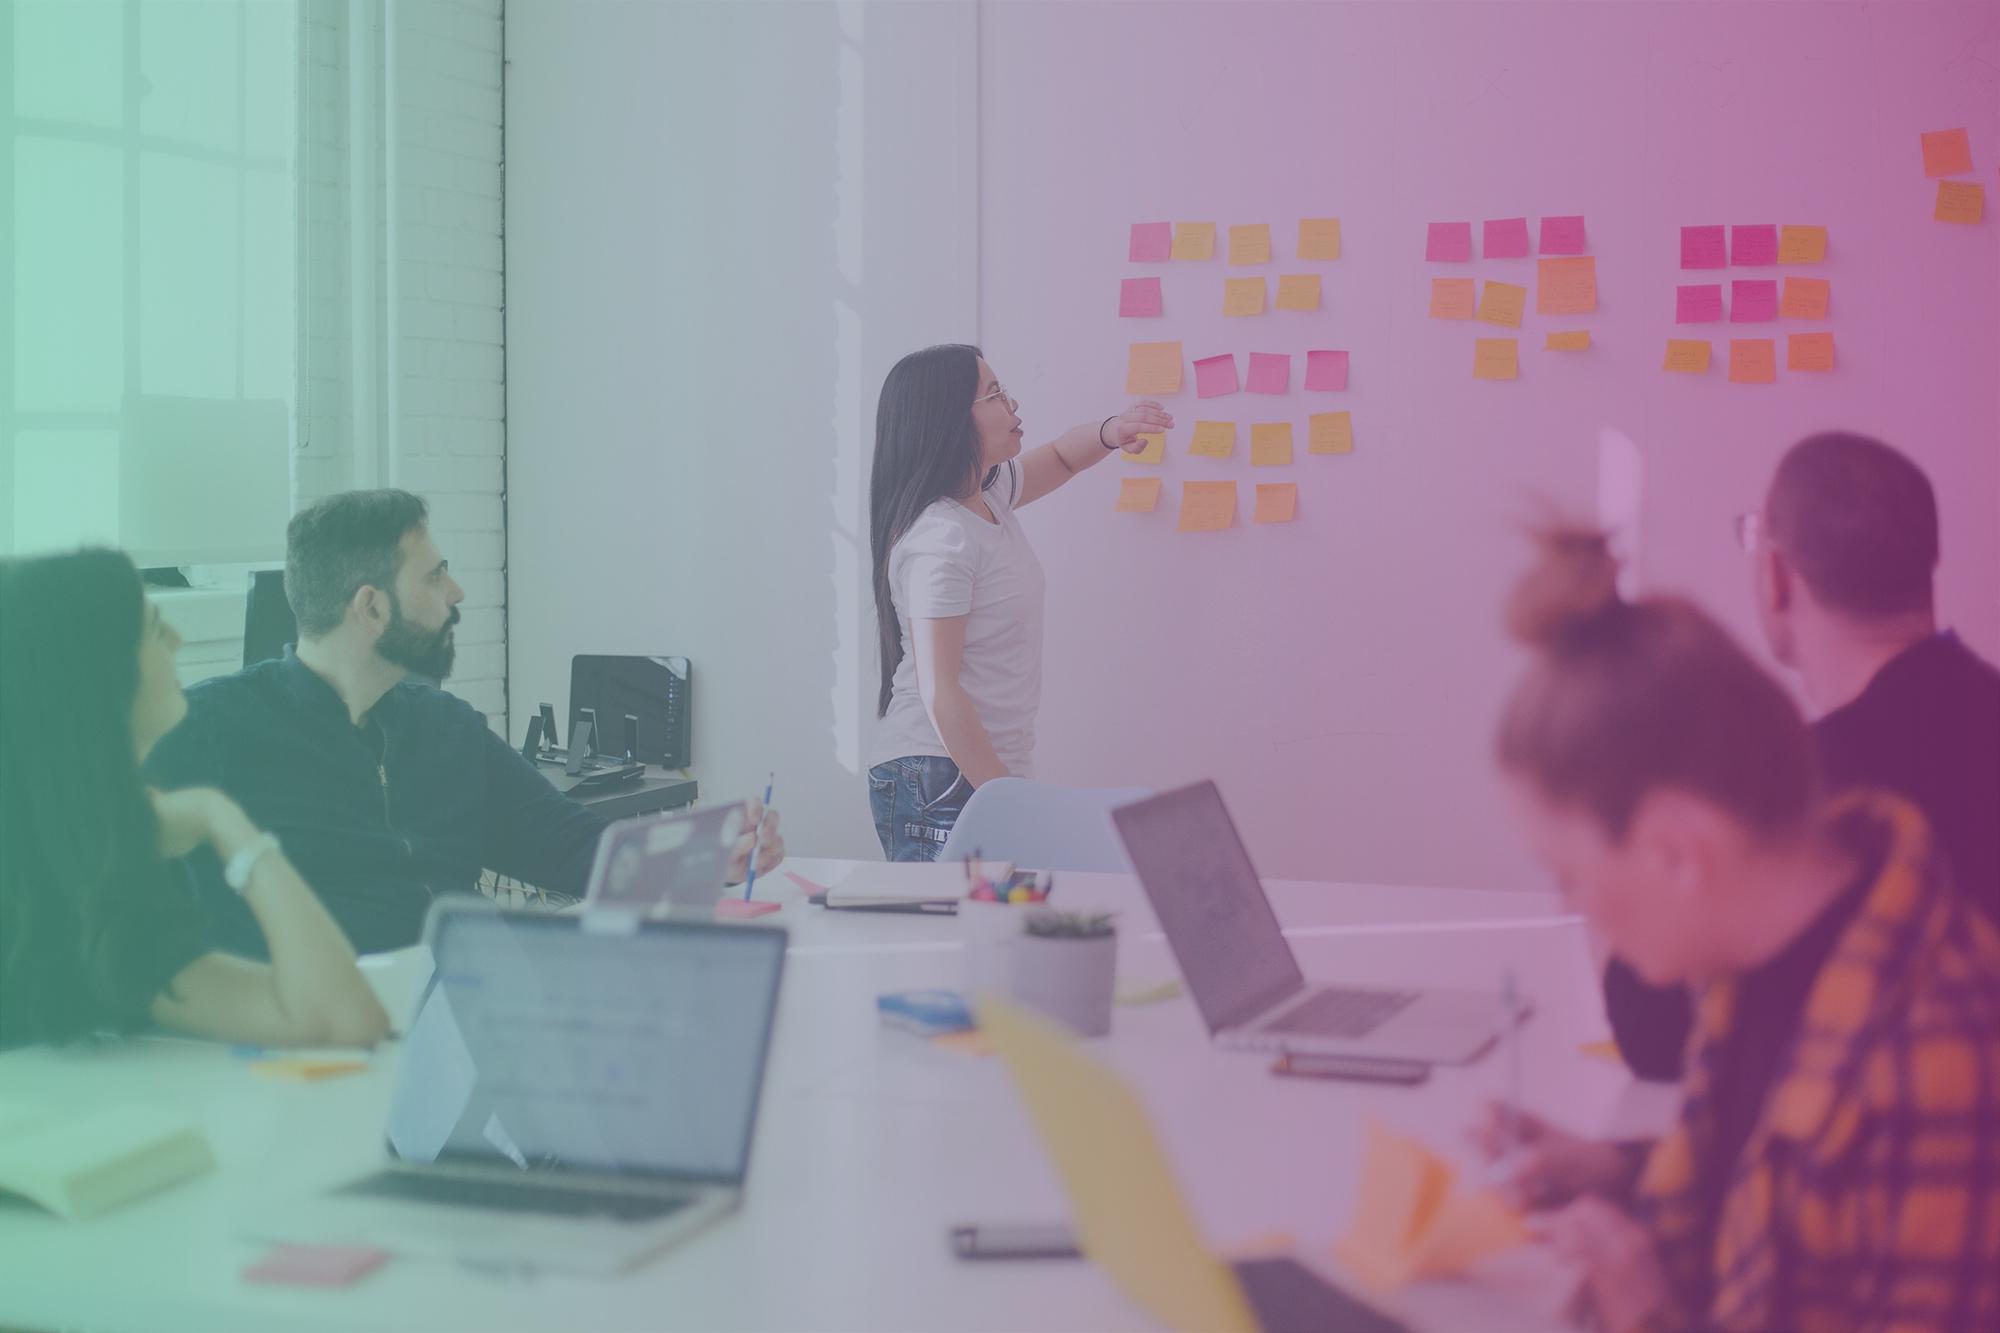 Niche Marketing: Identify Your Target Segment